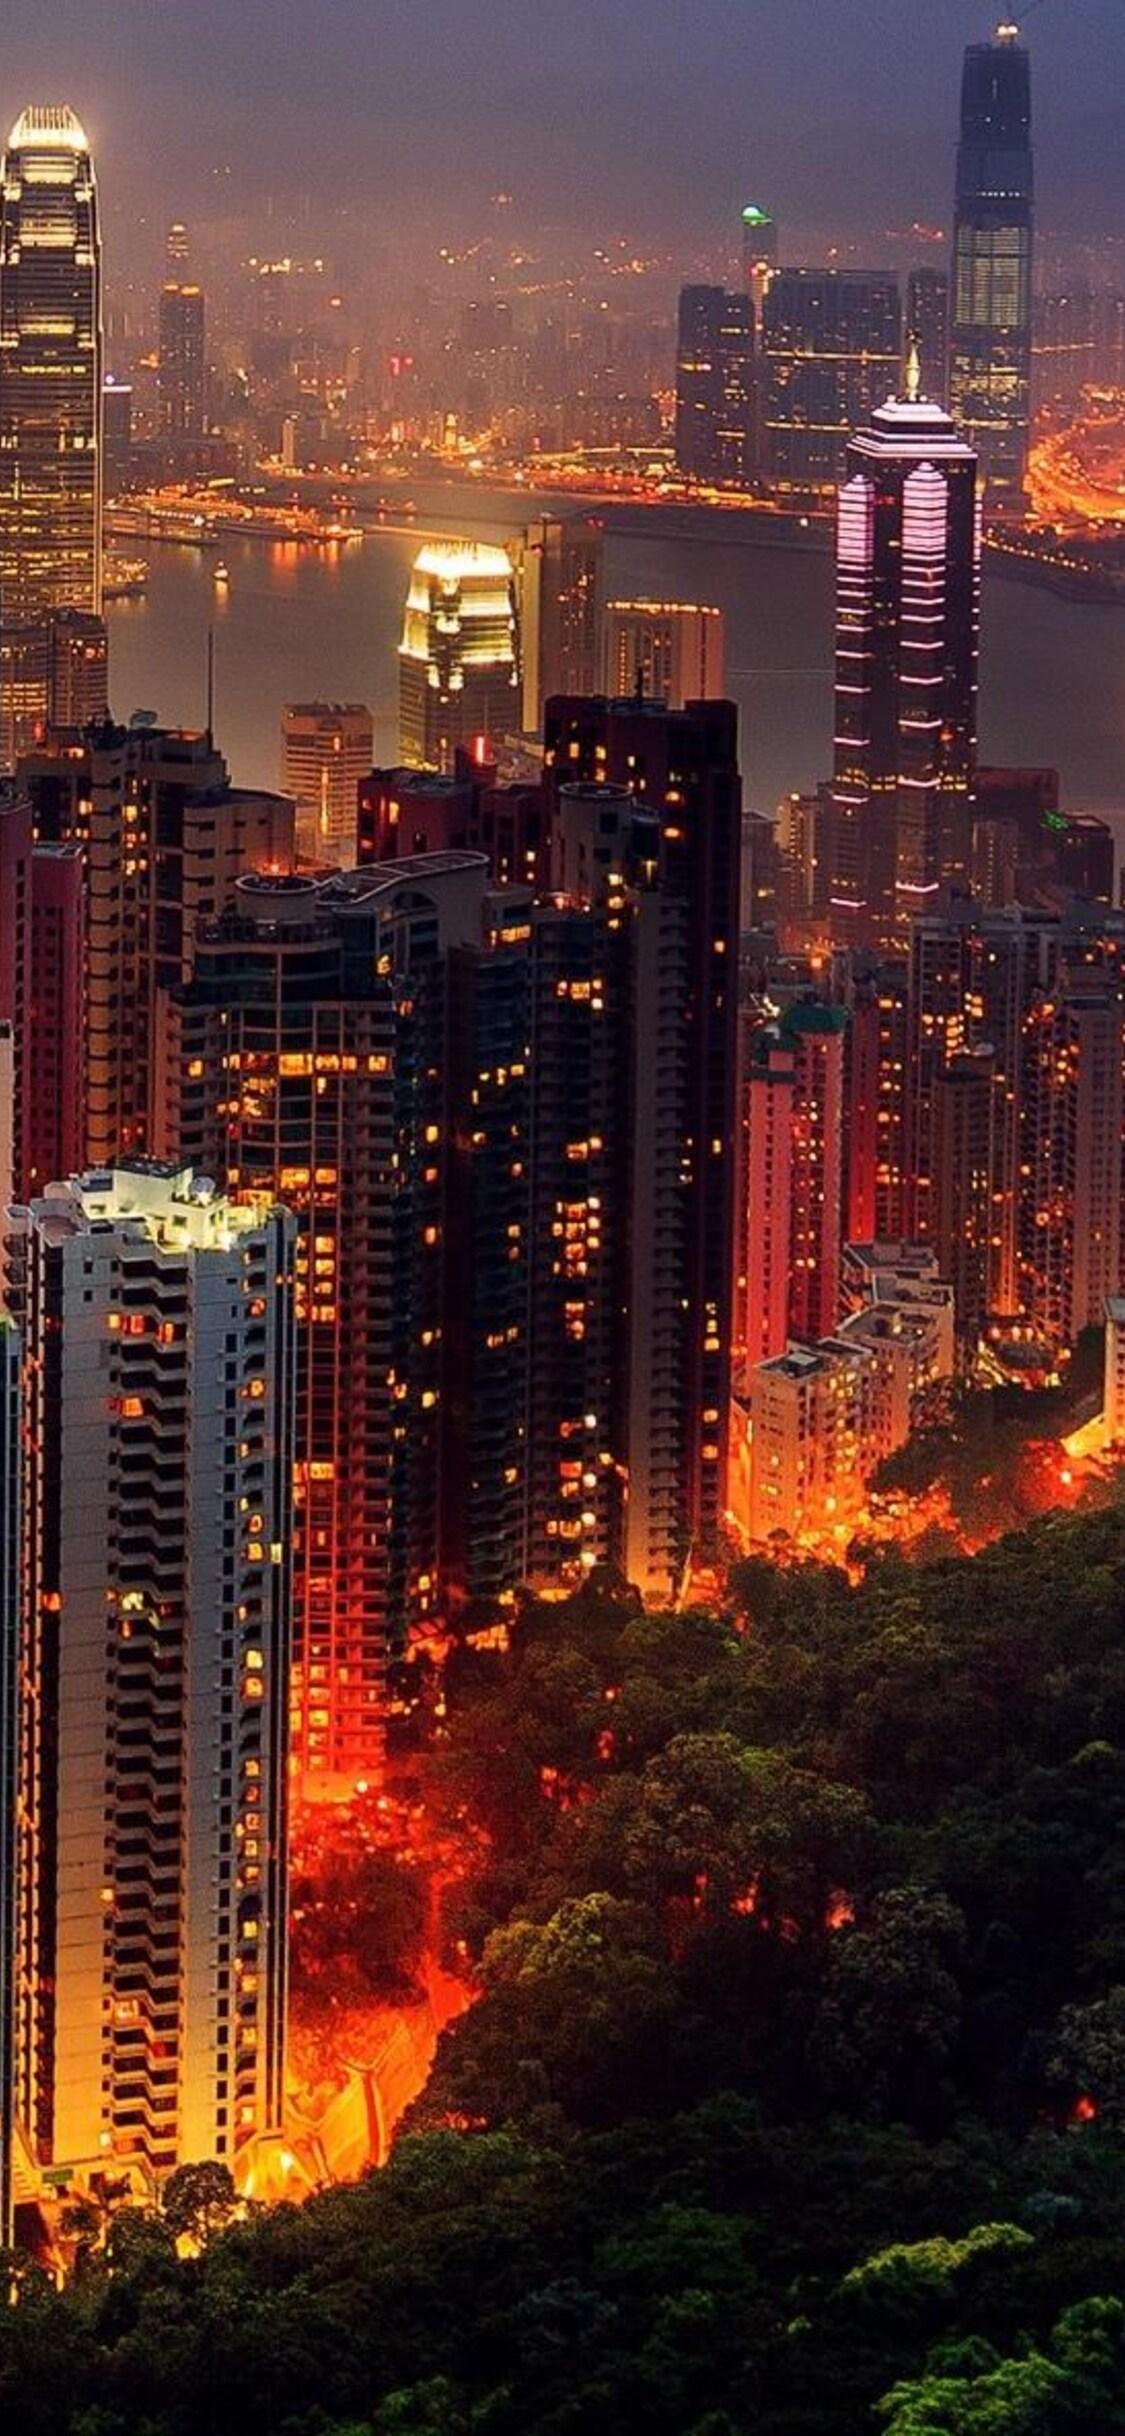 1125x2436 Hong Kong Beauty Iphone Xs Iphone 10 Iphone X Hd